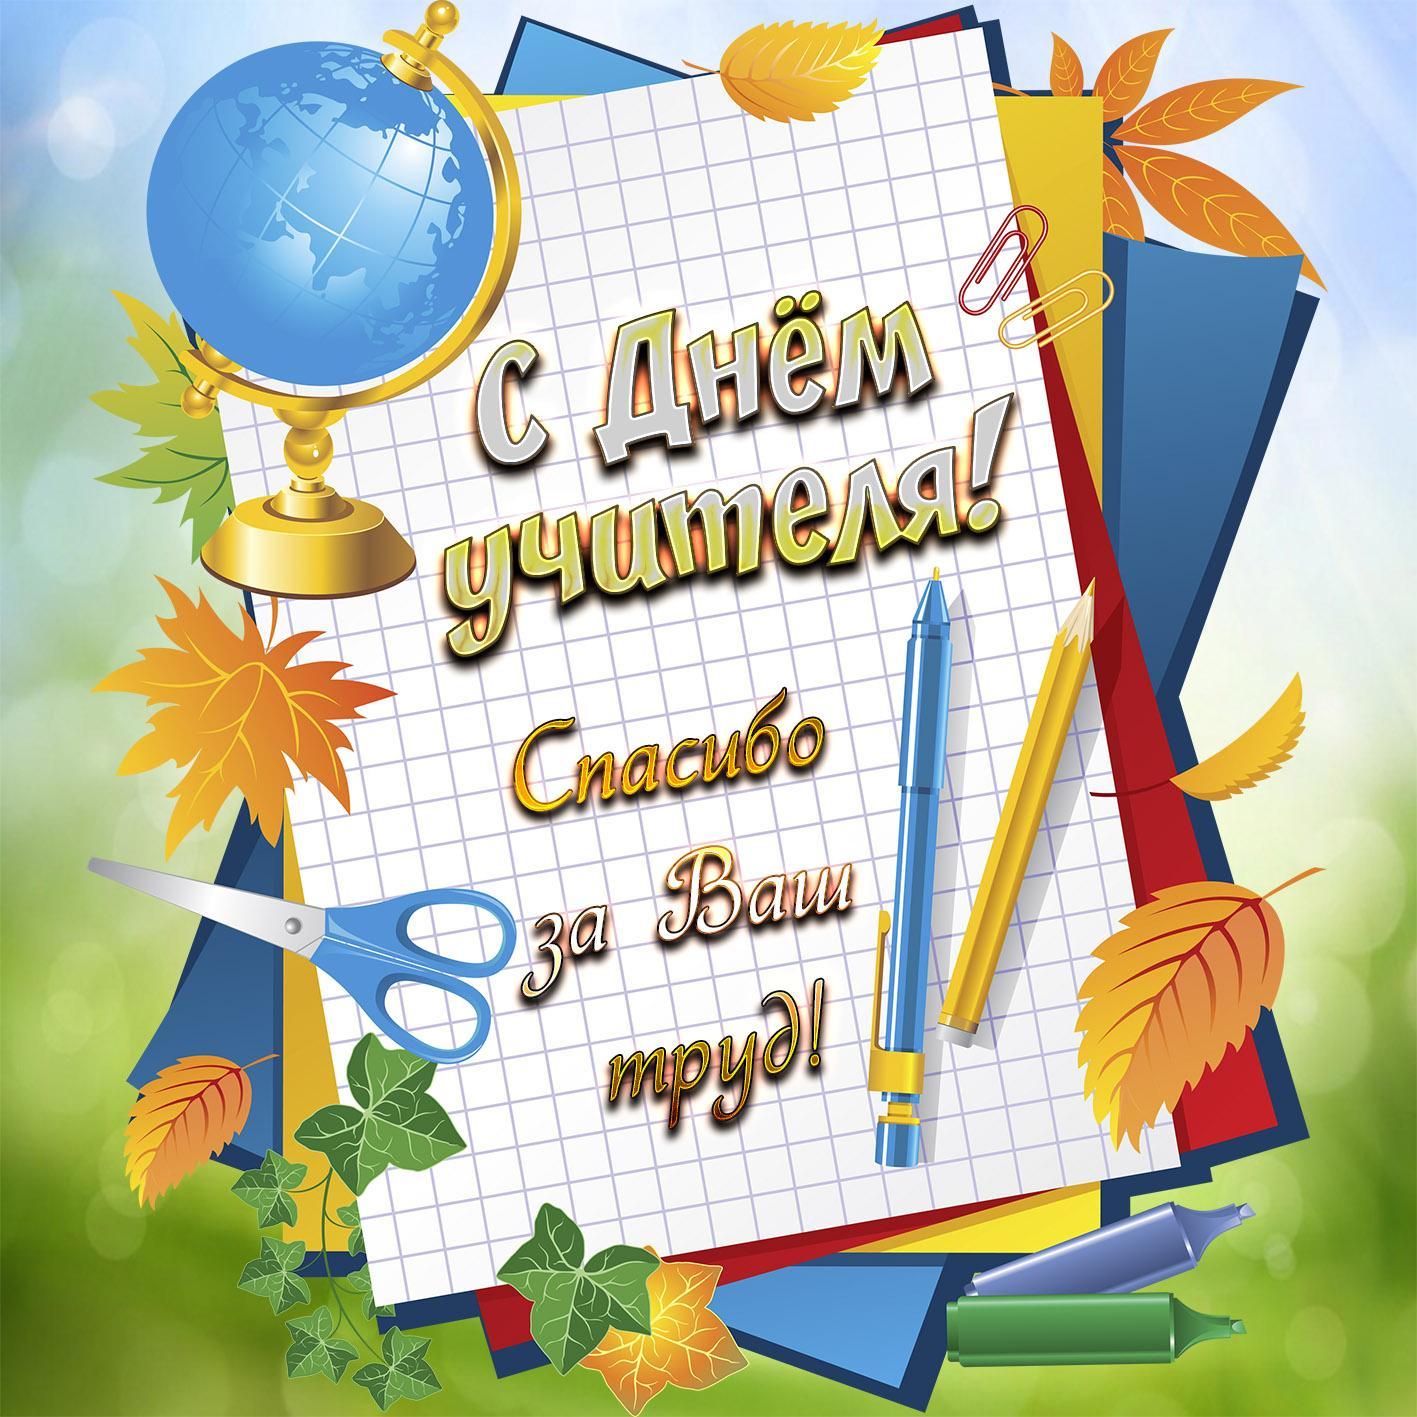 Фото Красивые открытки ко Дню учителя 5 октября – оригинальные поздравления для ватсап и вайбер 5